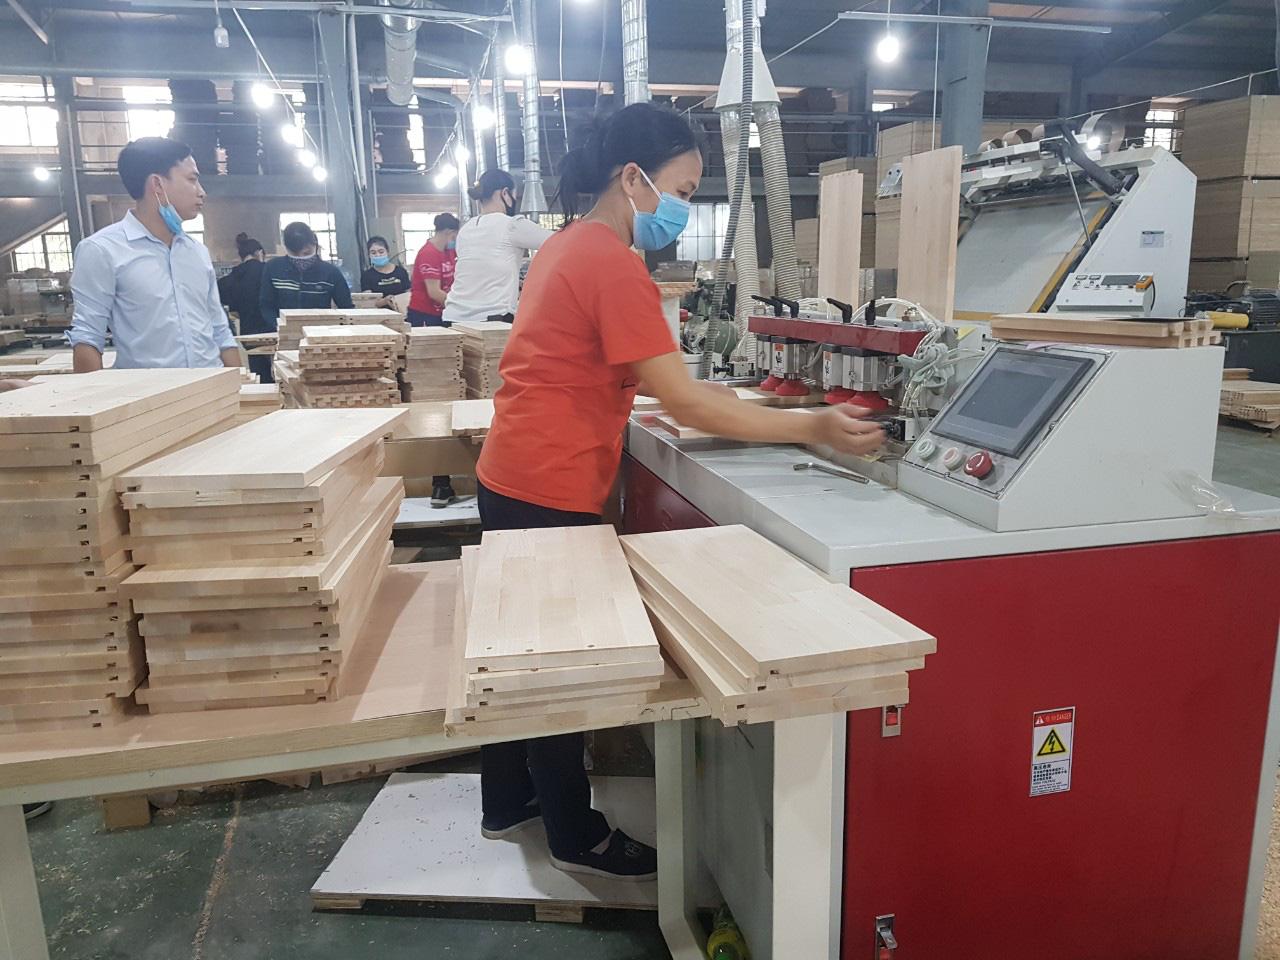 bàn phục hồi Ngành chế biến gỗ: Lấy lại tăng trưởng từ quý III/2020 - Ảnh 1.